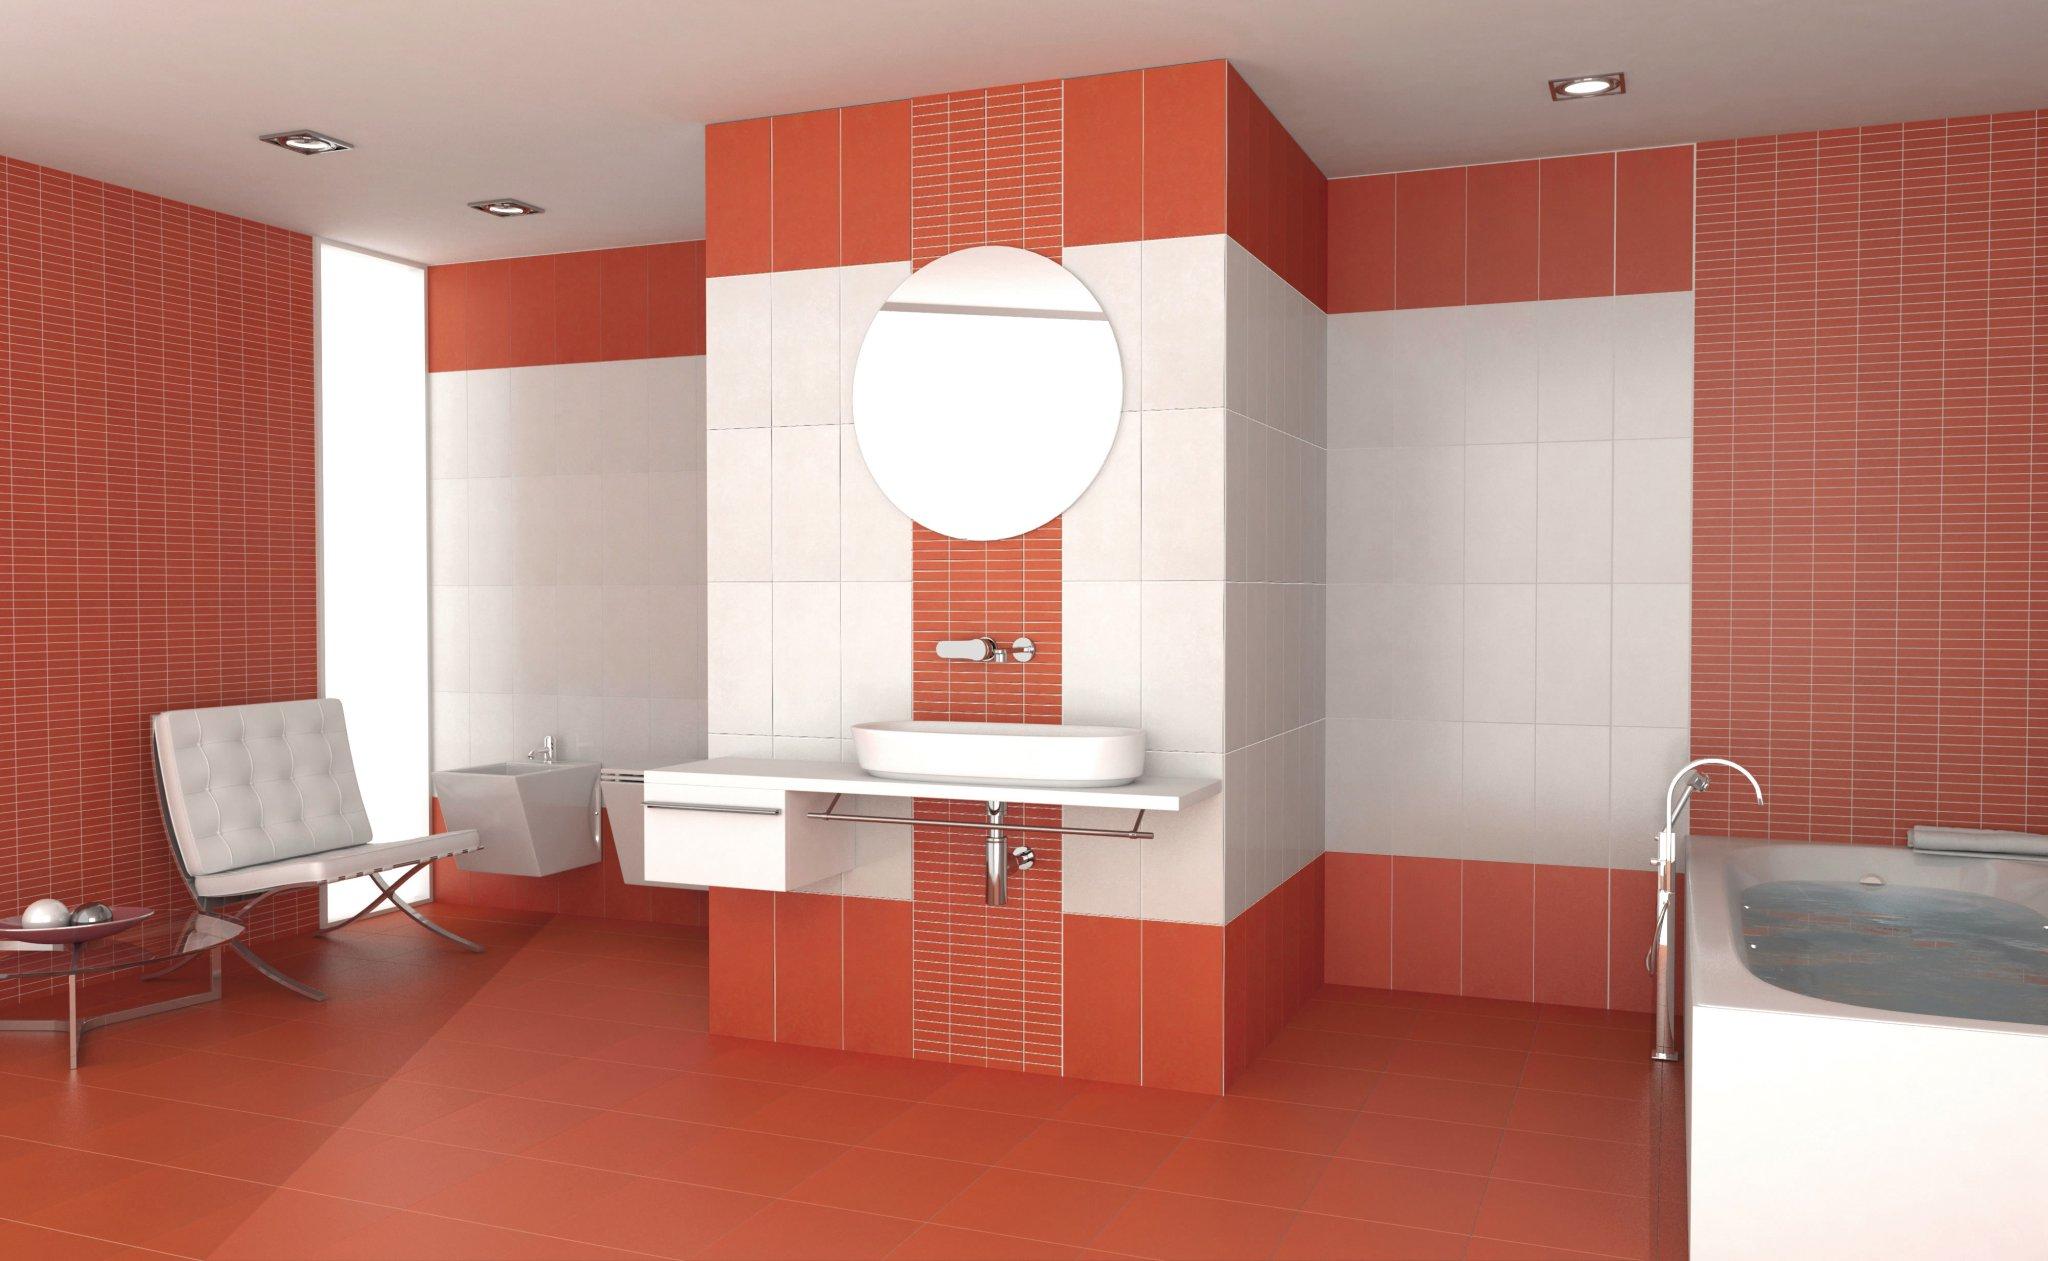 Feeling rivestimento bagno rosso moda ceramica - Fughe piastrelle bagno ...